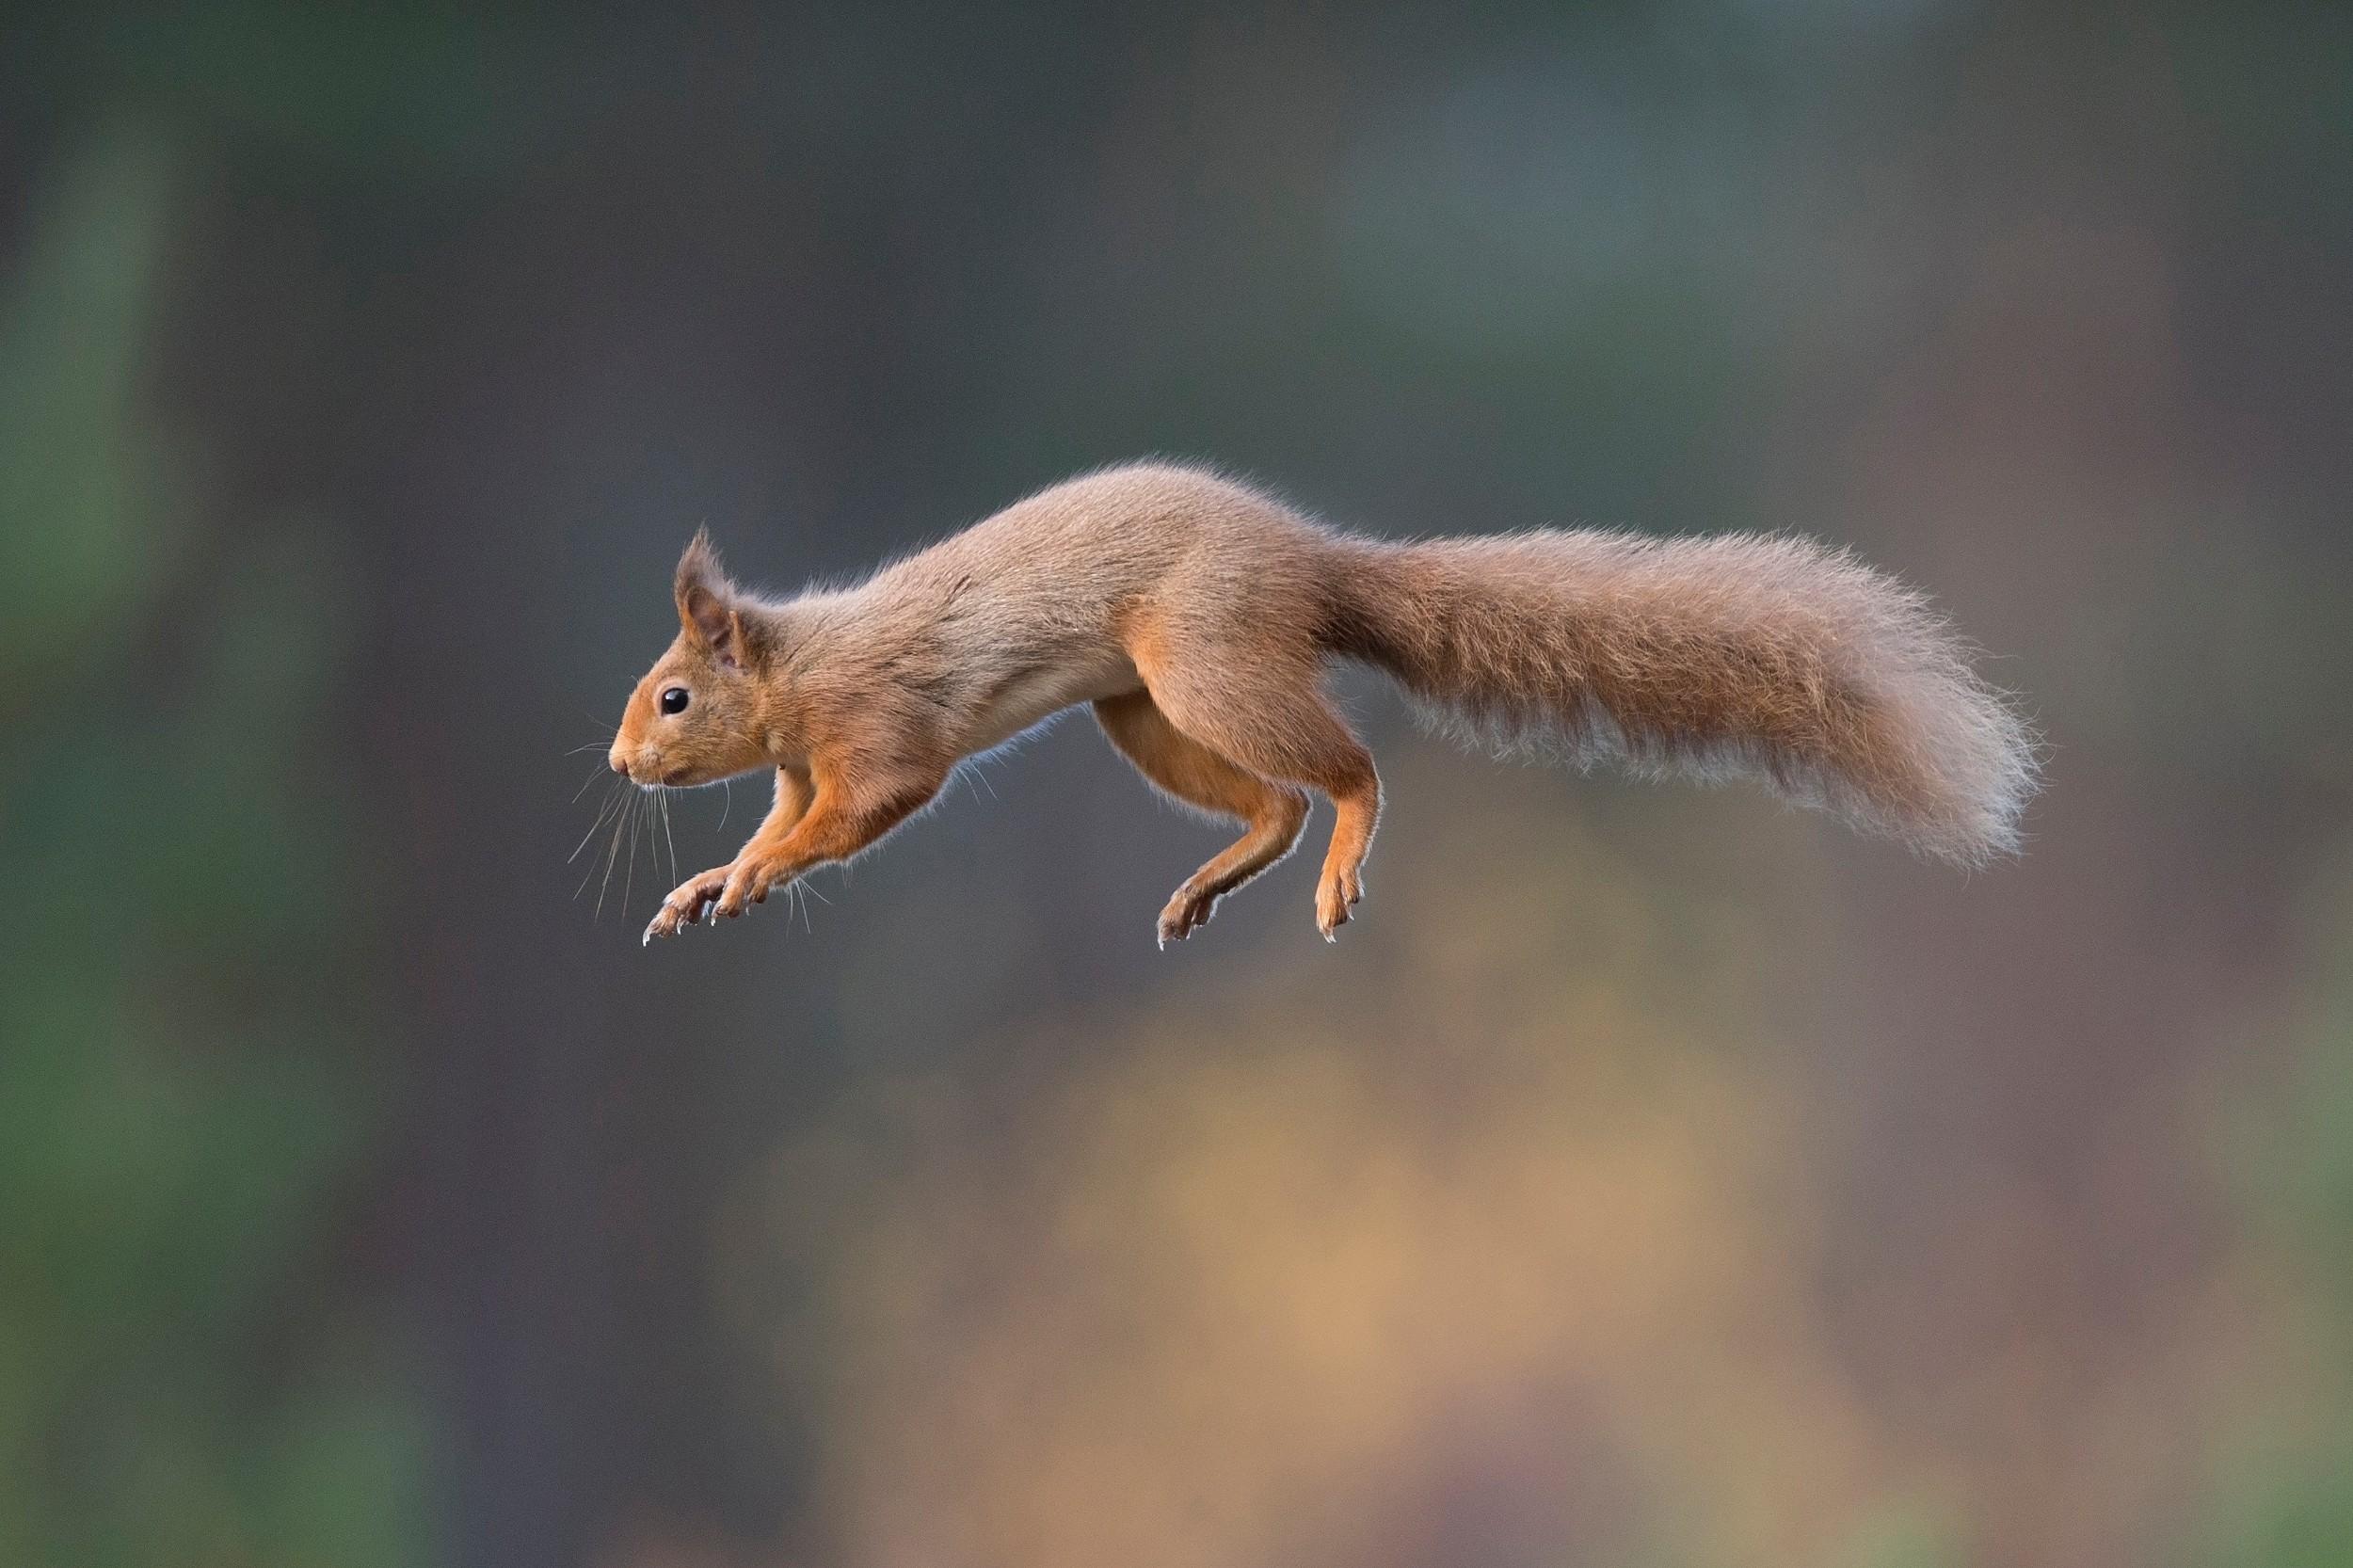 Wildlife_Alladale Wilderness Reserve_Red Squirrel_NS-PC-1224222.jpg